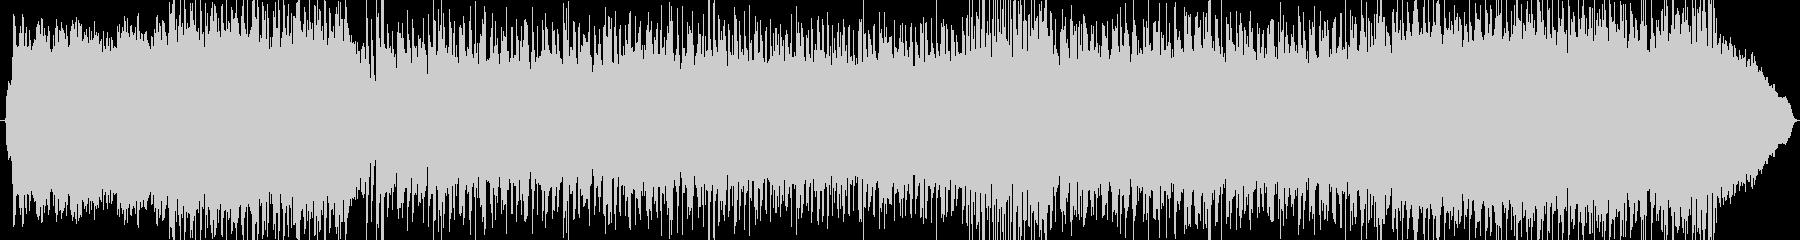 ハイスタ系 メロコア パンク の未再生の波形